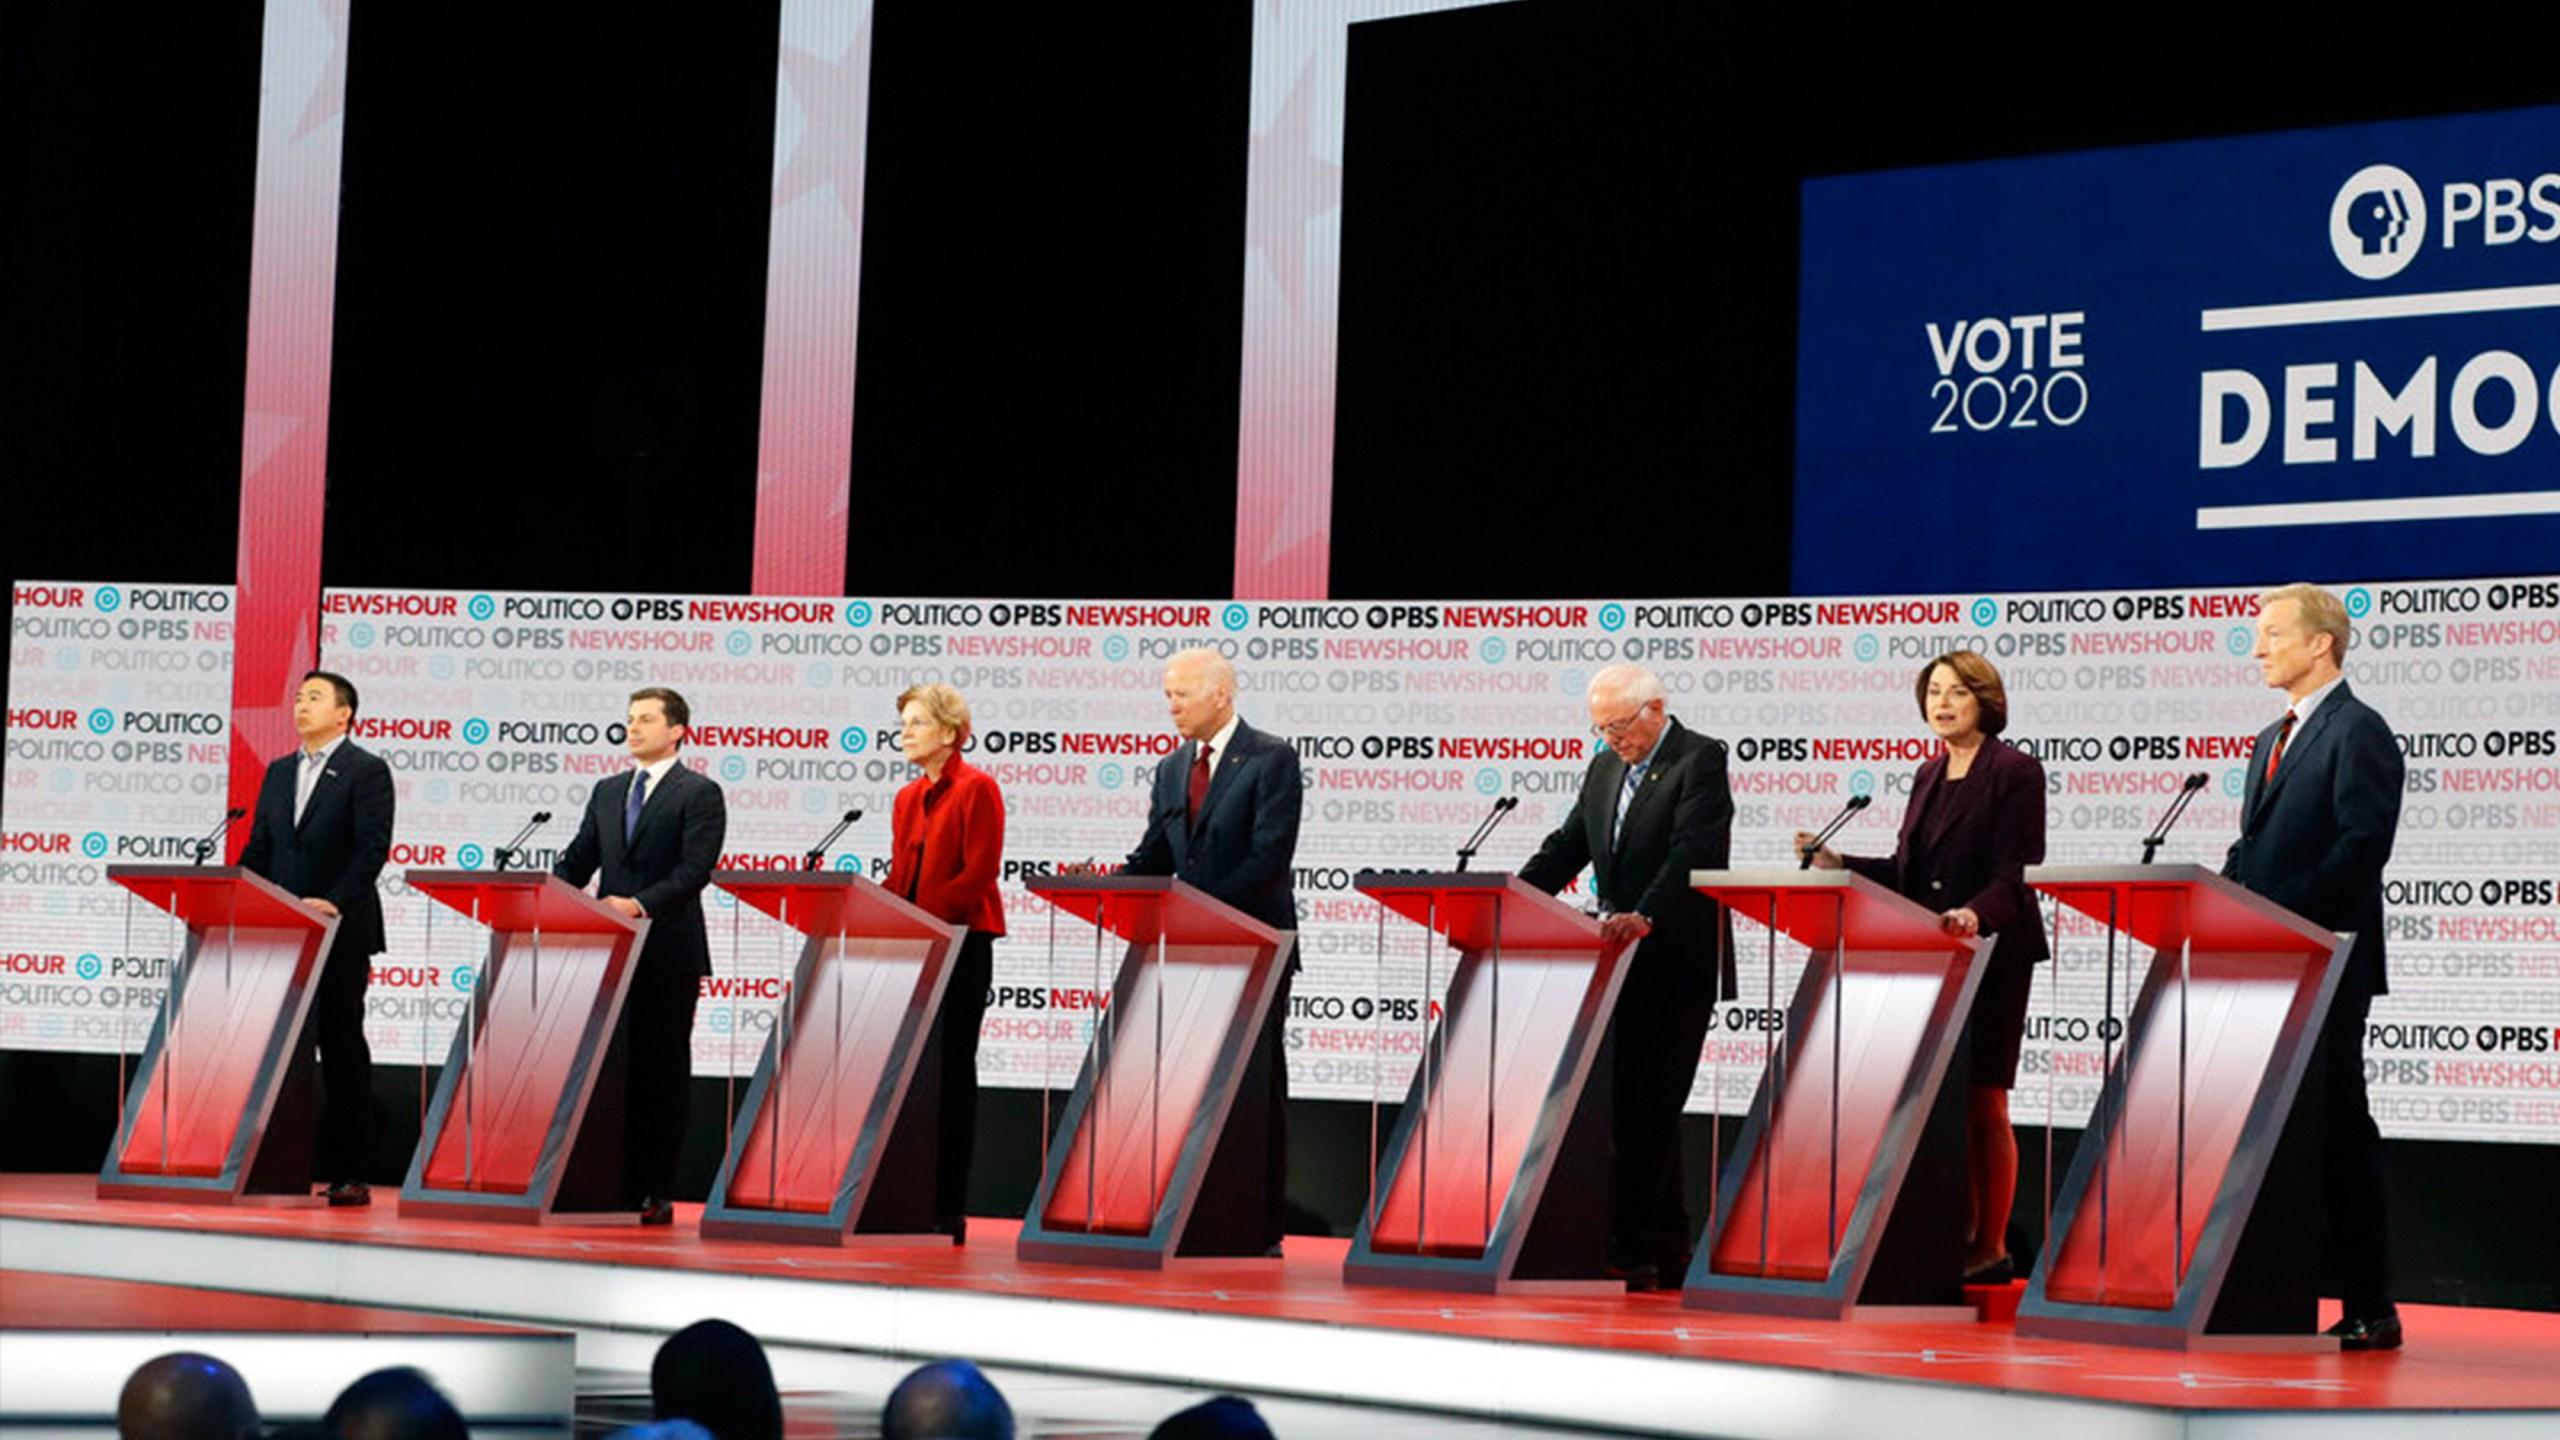 Dem debate1